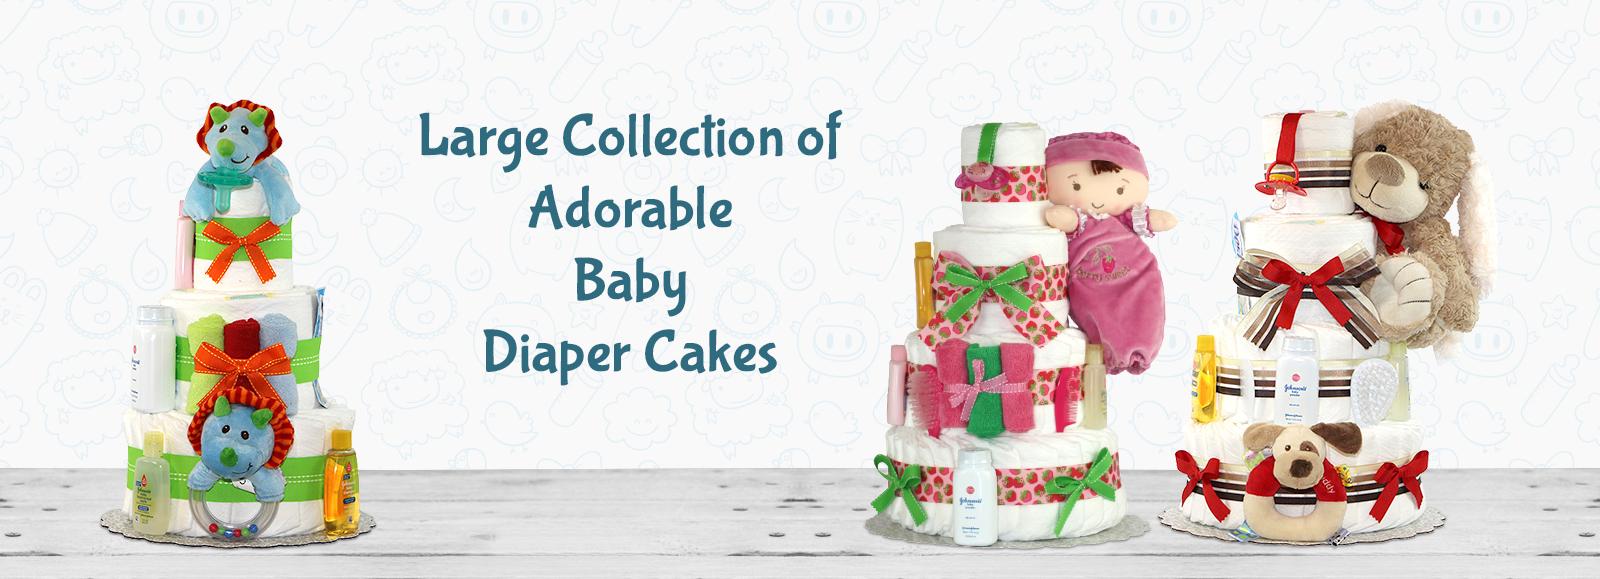 Adorable Baby Diaper Cake